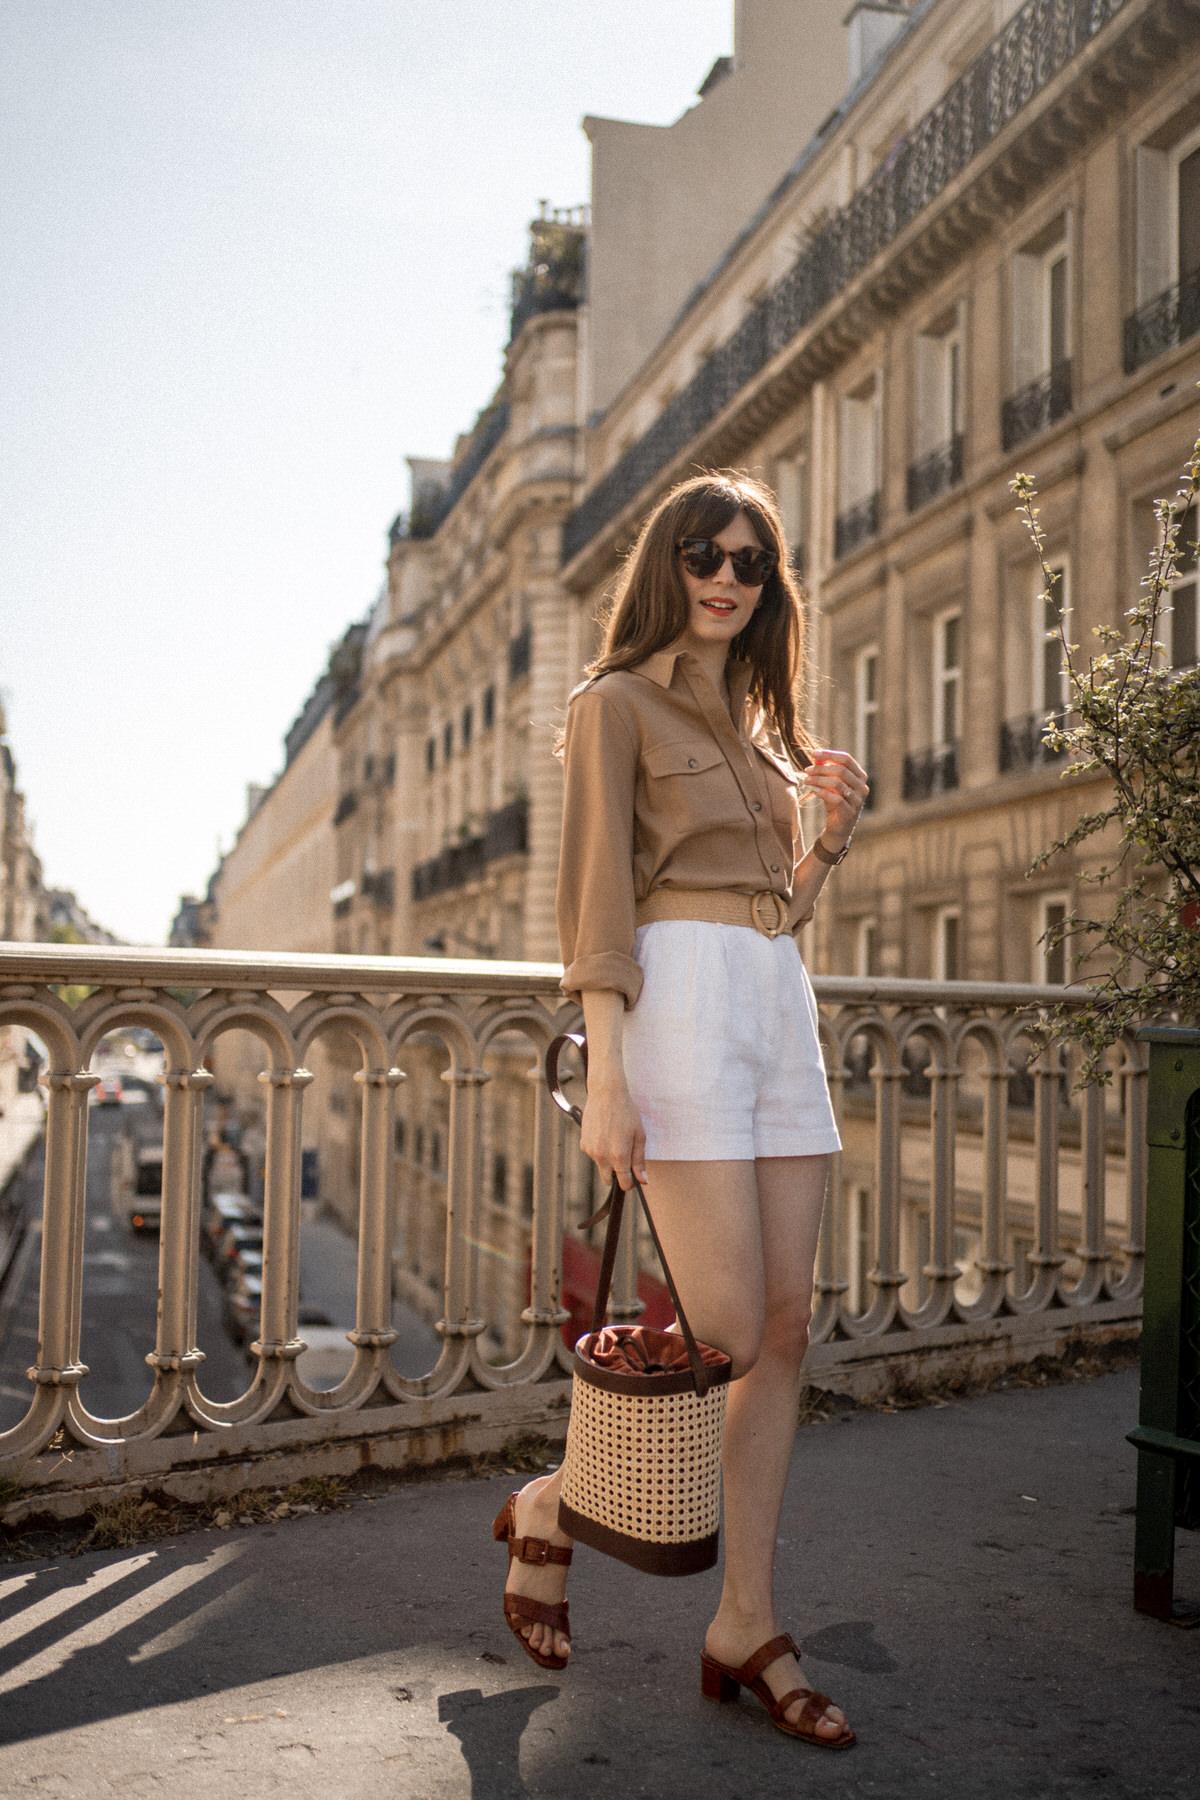 comment-porter-short-habillé-en-ville-8